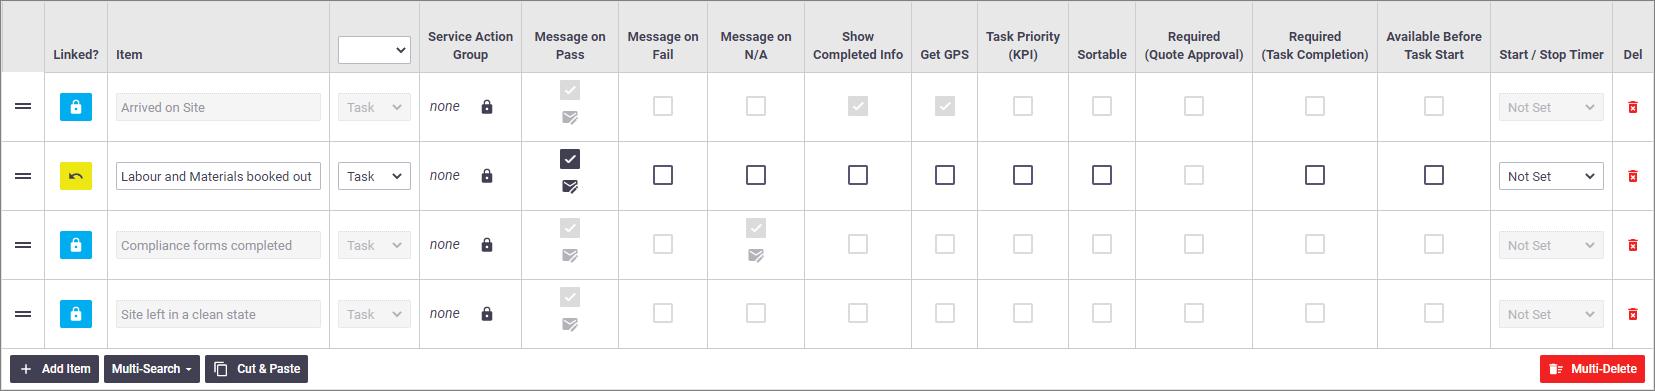 Periodic checklist